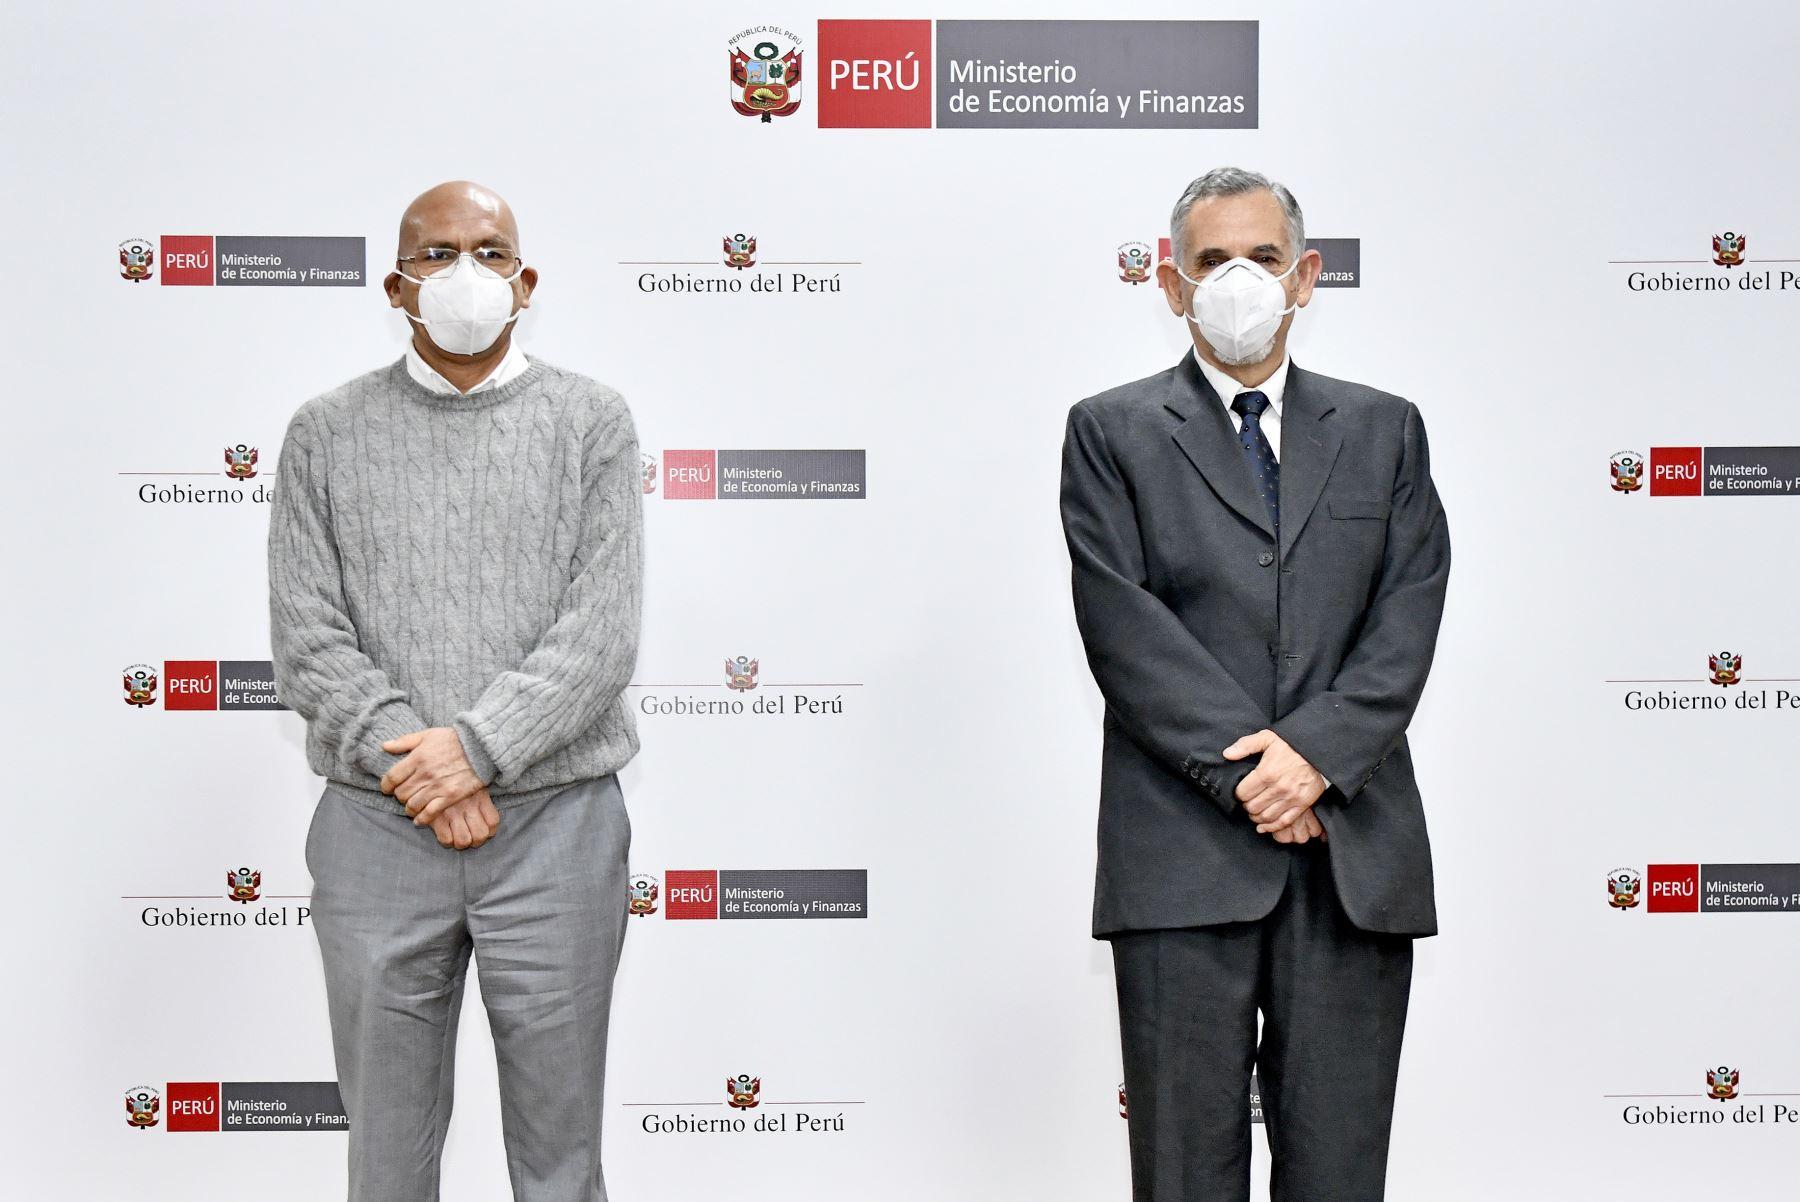 El ministro de Economía y Finanzas, Pedro Francke, fue presentado hoy en la sede del Ministerio de Economía y Finanzas, en el Cercado de Lima. Además, junto a su antecesor, Waldo Mendoza, firmaron el Acta de Transferencia de Gestión. Foto: ANDINA/MEF